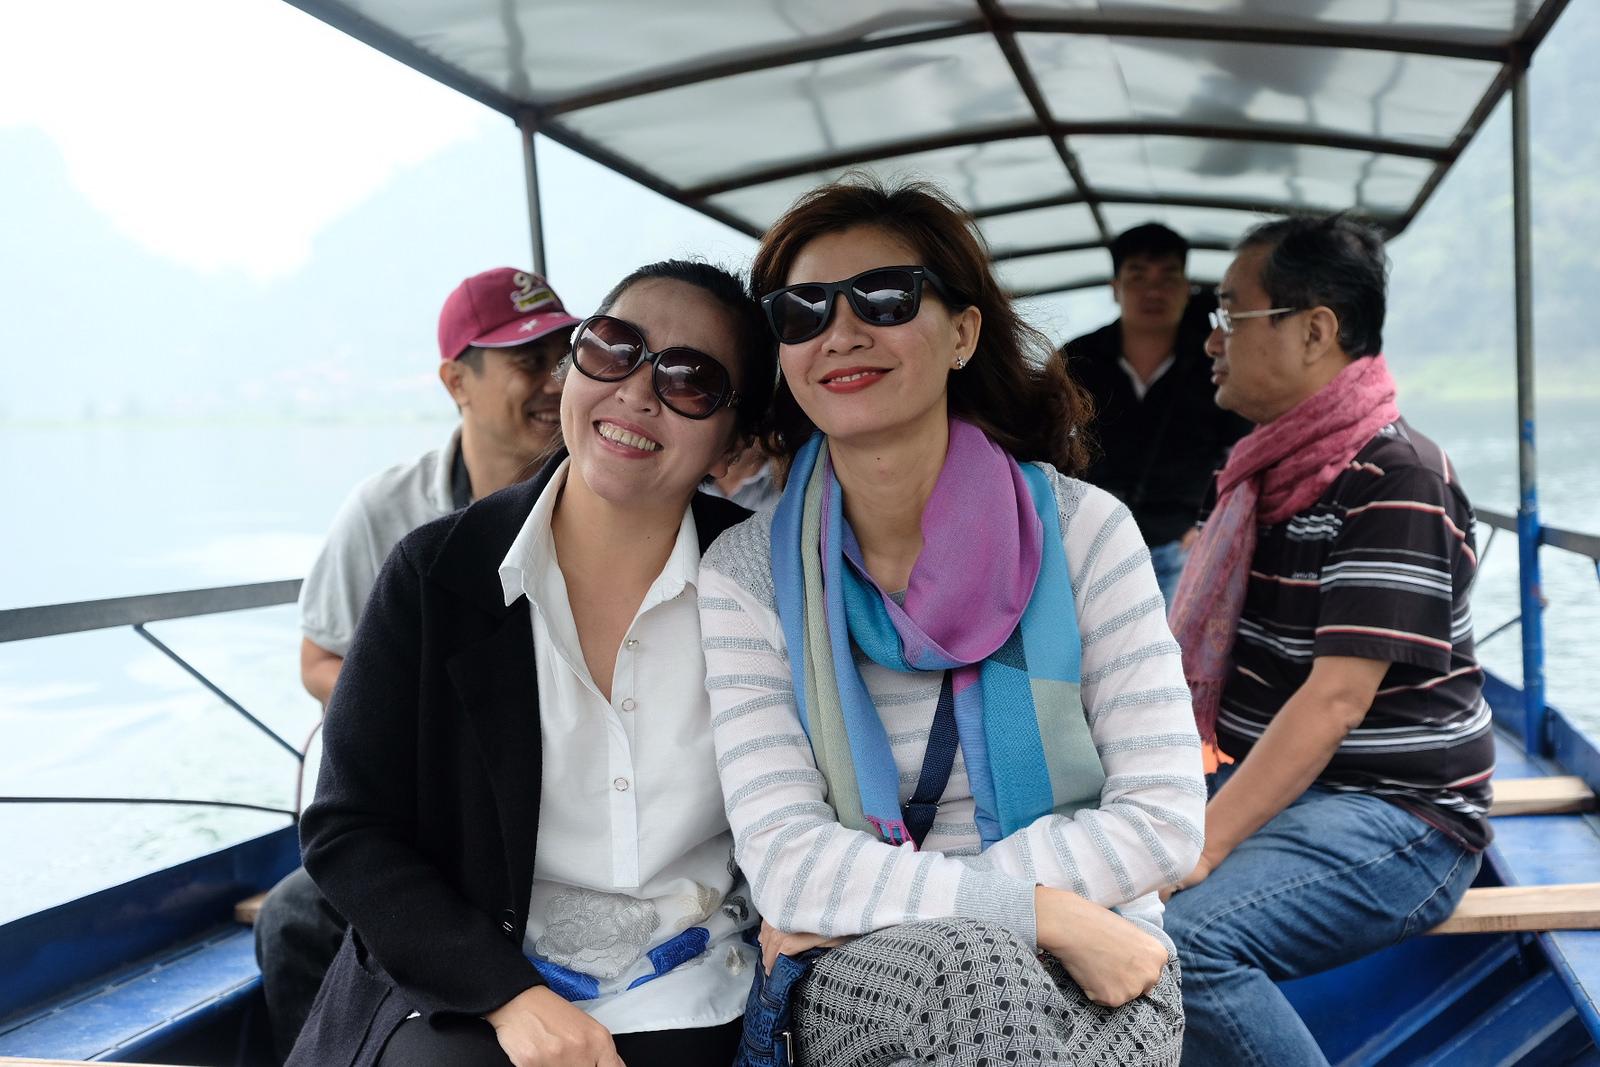 Tour Du Lịch Hồ Ba Bể 2 Ngày 1 Đêm Giá Rẻ từ Hà Nội - Vietmountain Travel 2